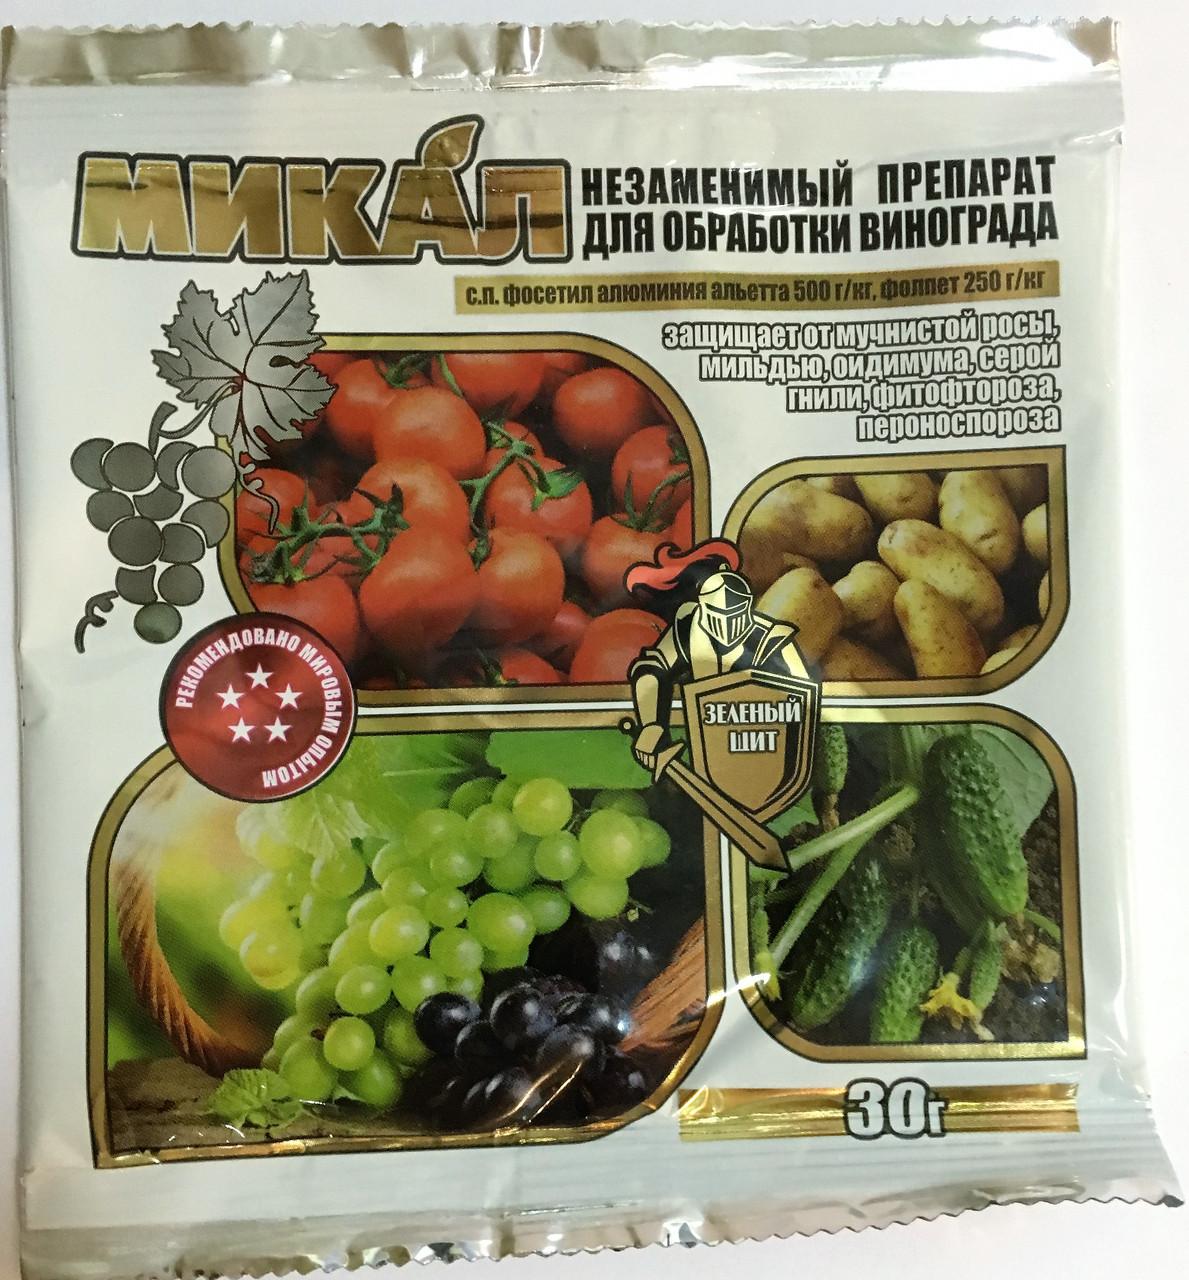 Фунгицид Микал 30г, с.п. - контактно системный фунгицид для защиты винограда, томатов, лука от болезней